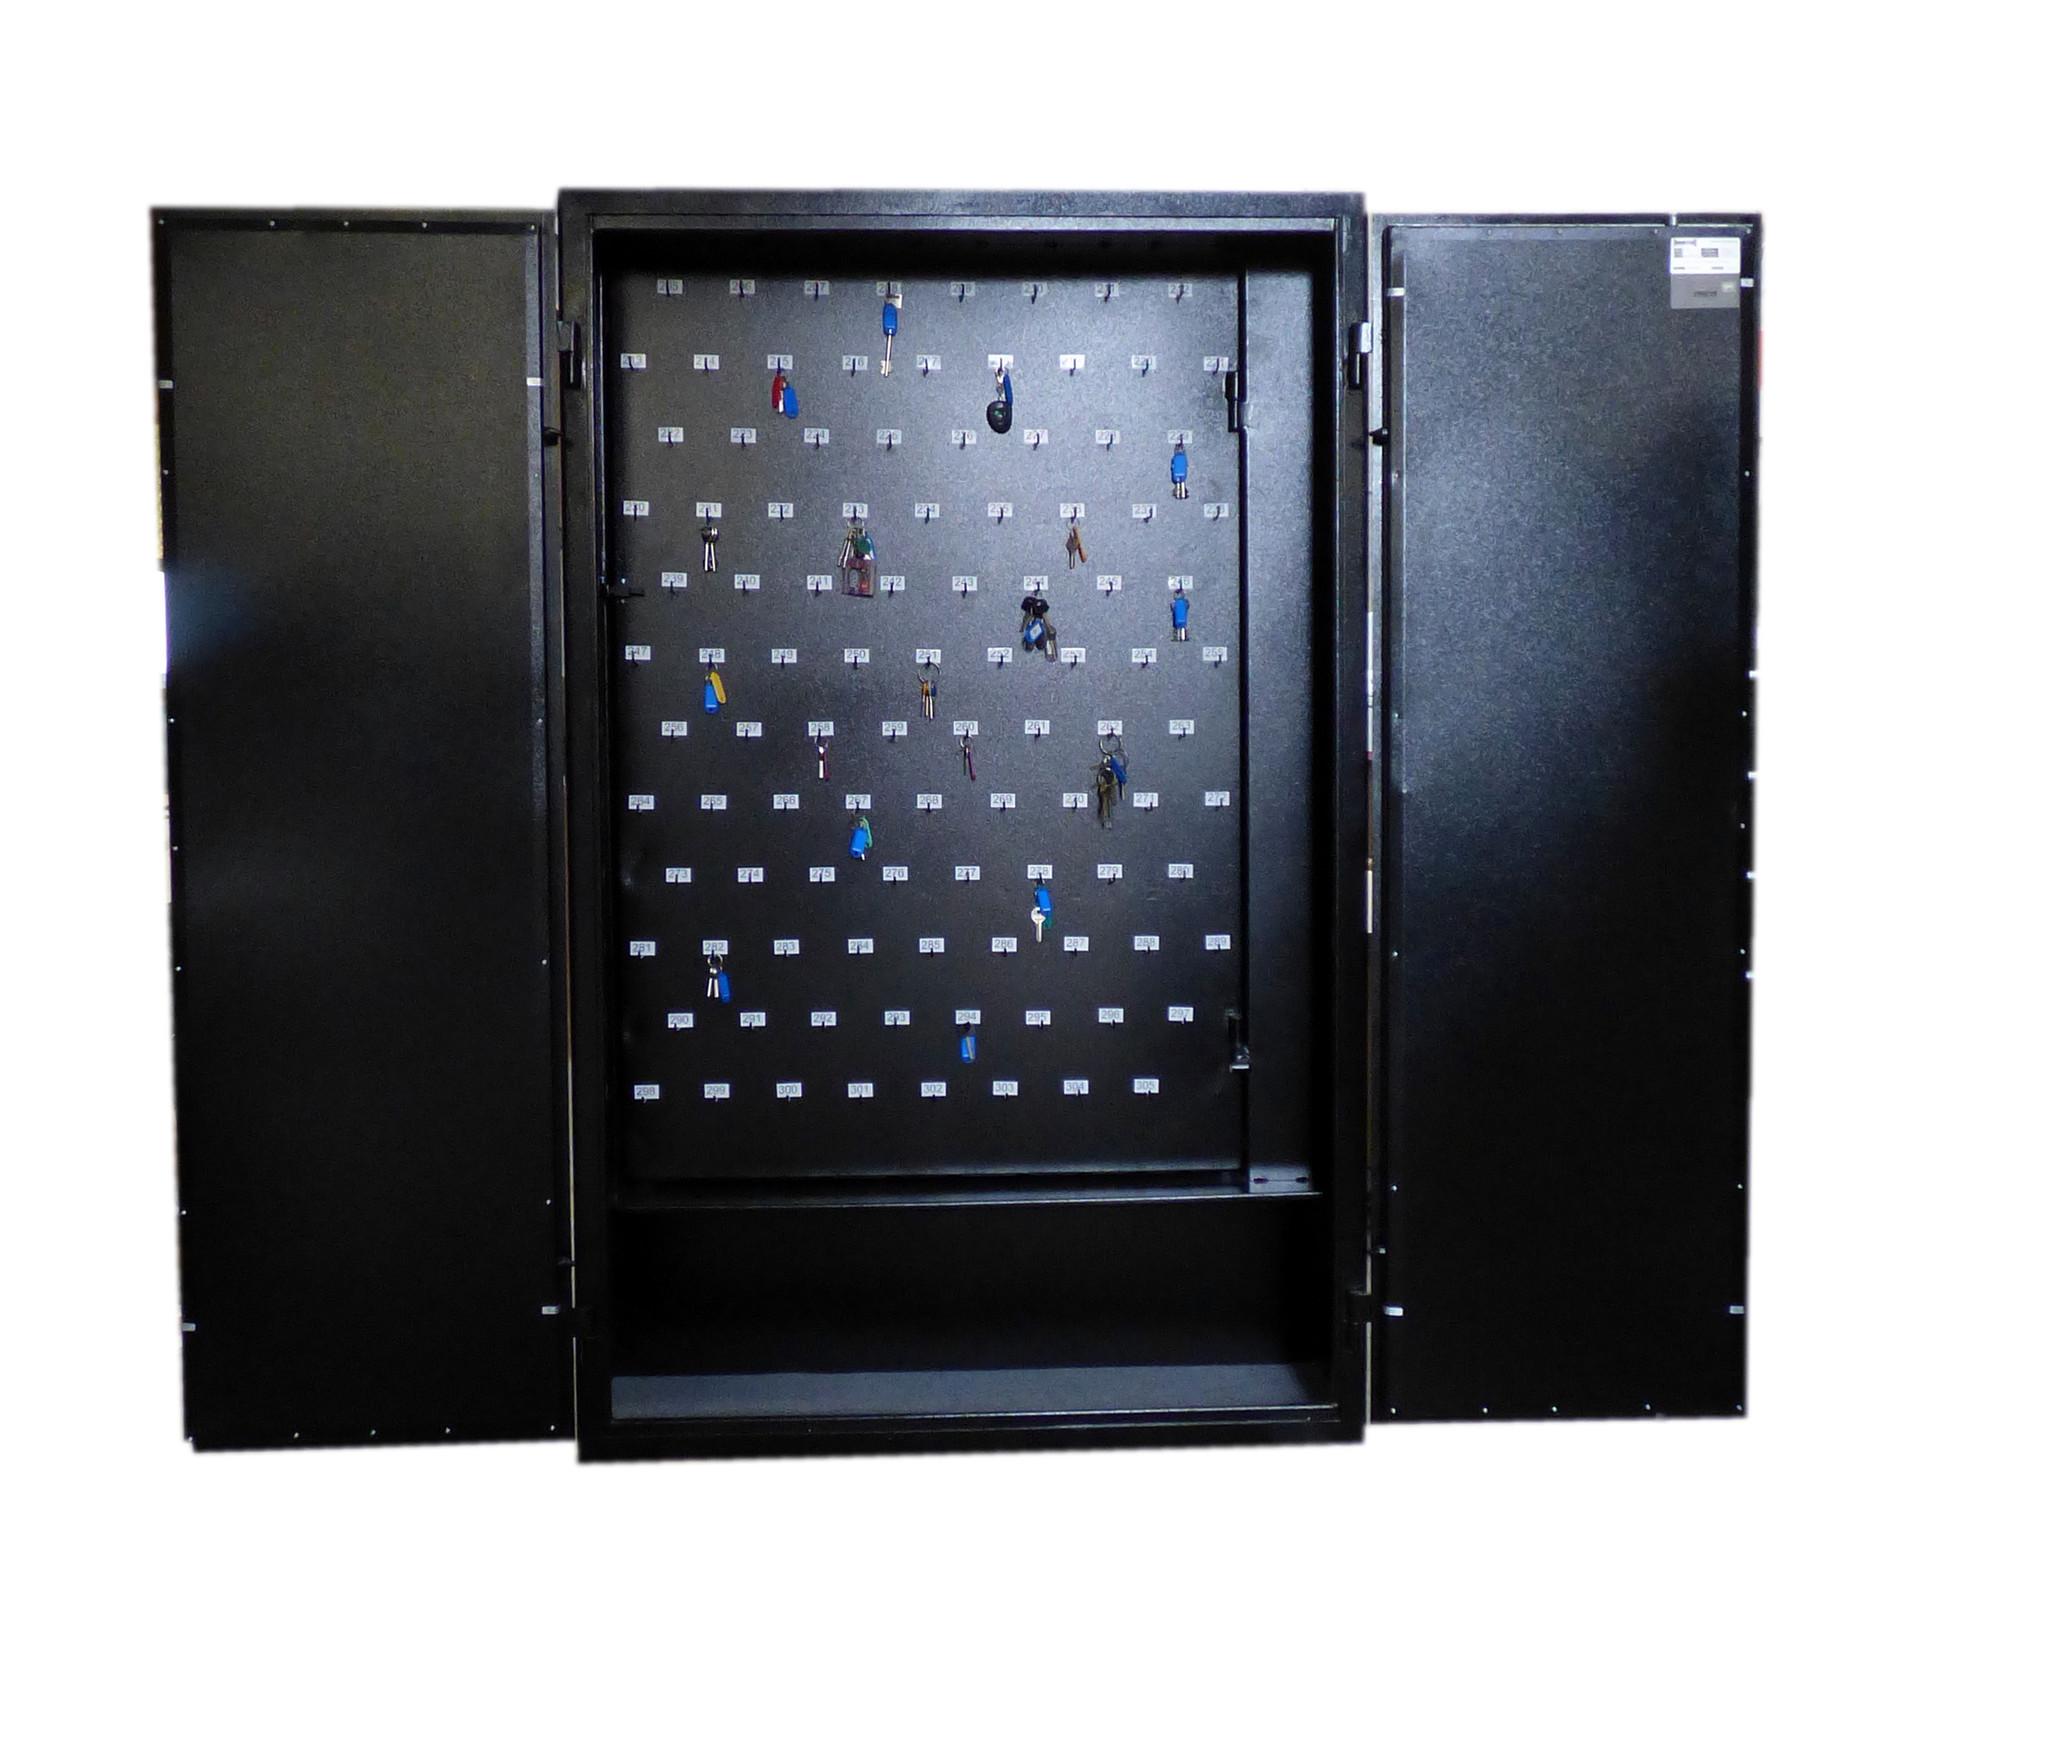 Sleutelkluis 1779 SSK/S-2 voor 300 - 600 sleutels, rdw kluis, bovag kluis